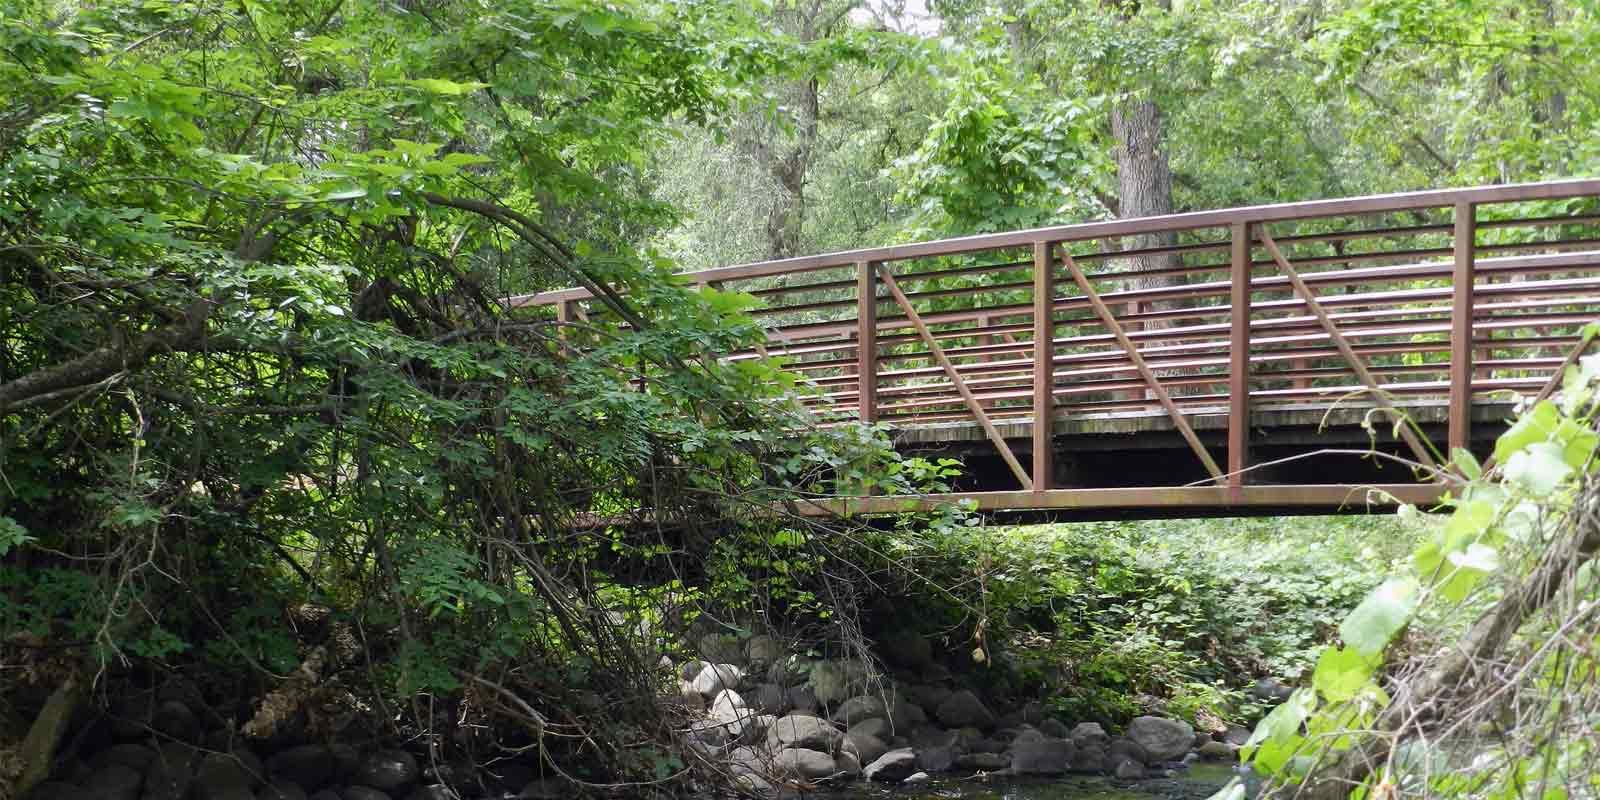 Bridge in Bidwell Park in Chico, CA